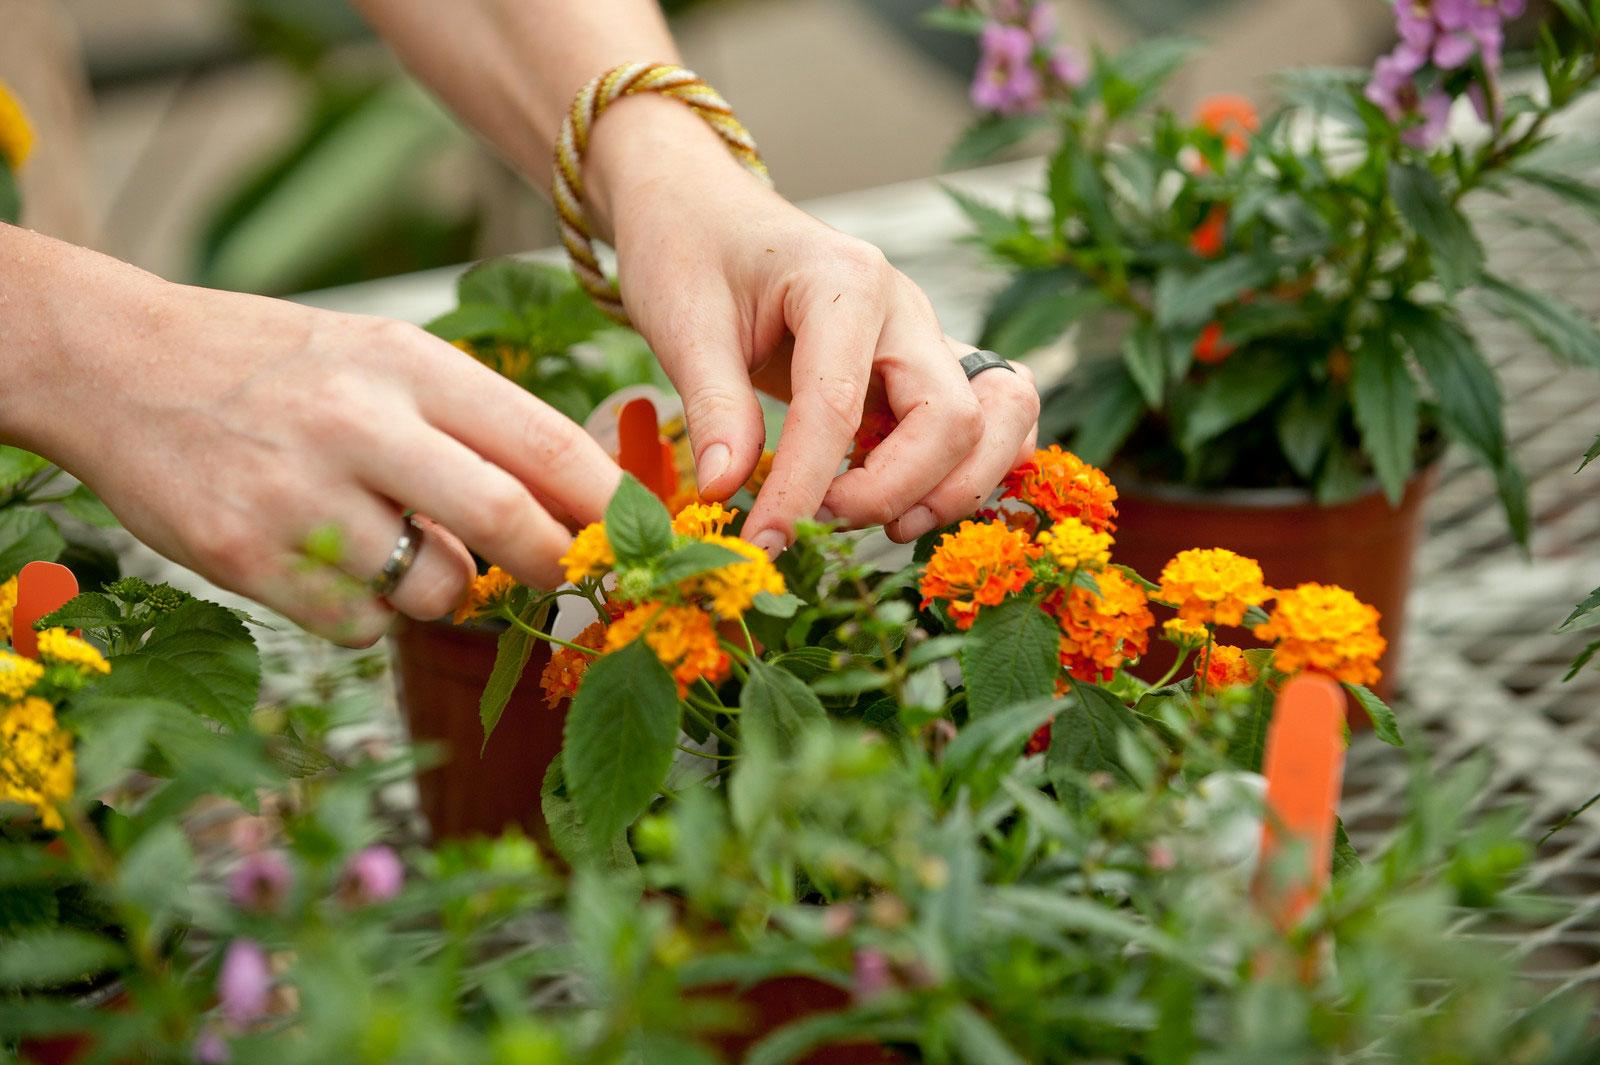 Le concours du Meilleur Jeune Jardinier se prépare à l'IPES Tournai